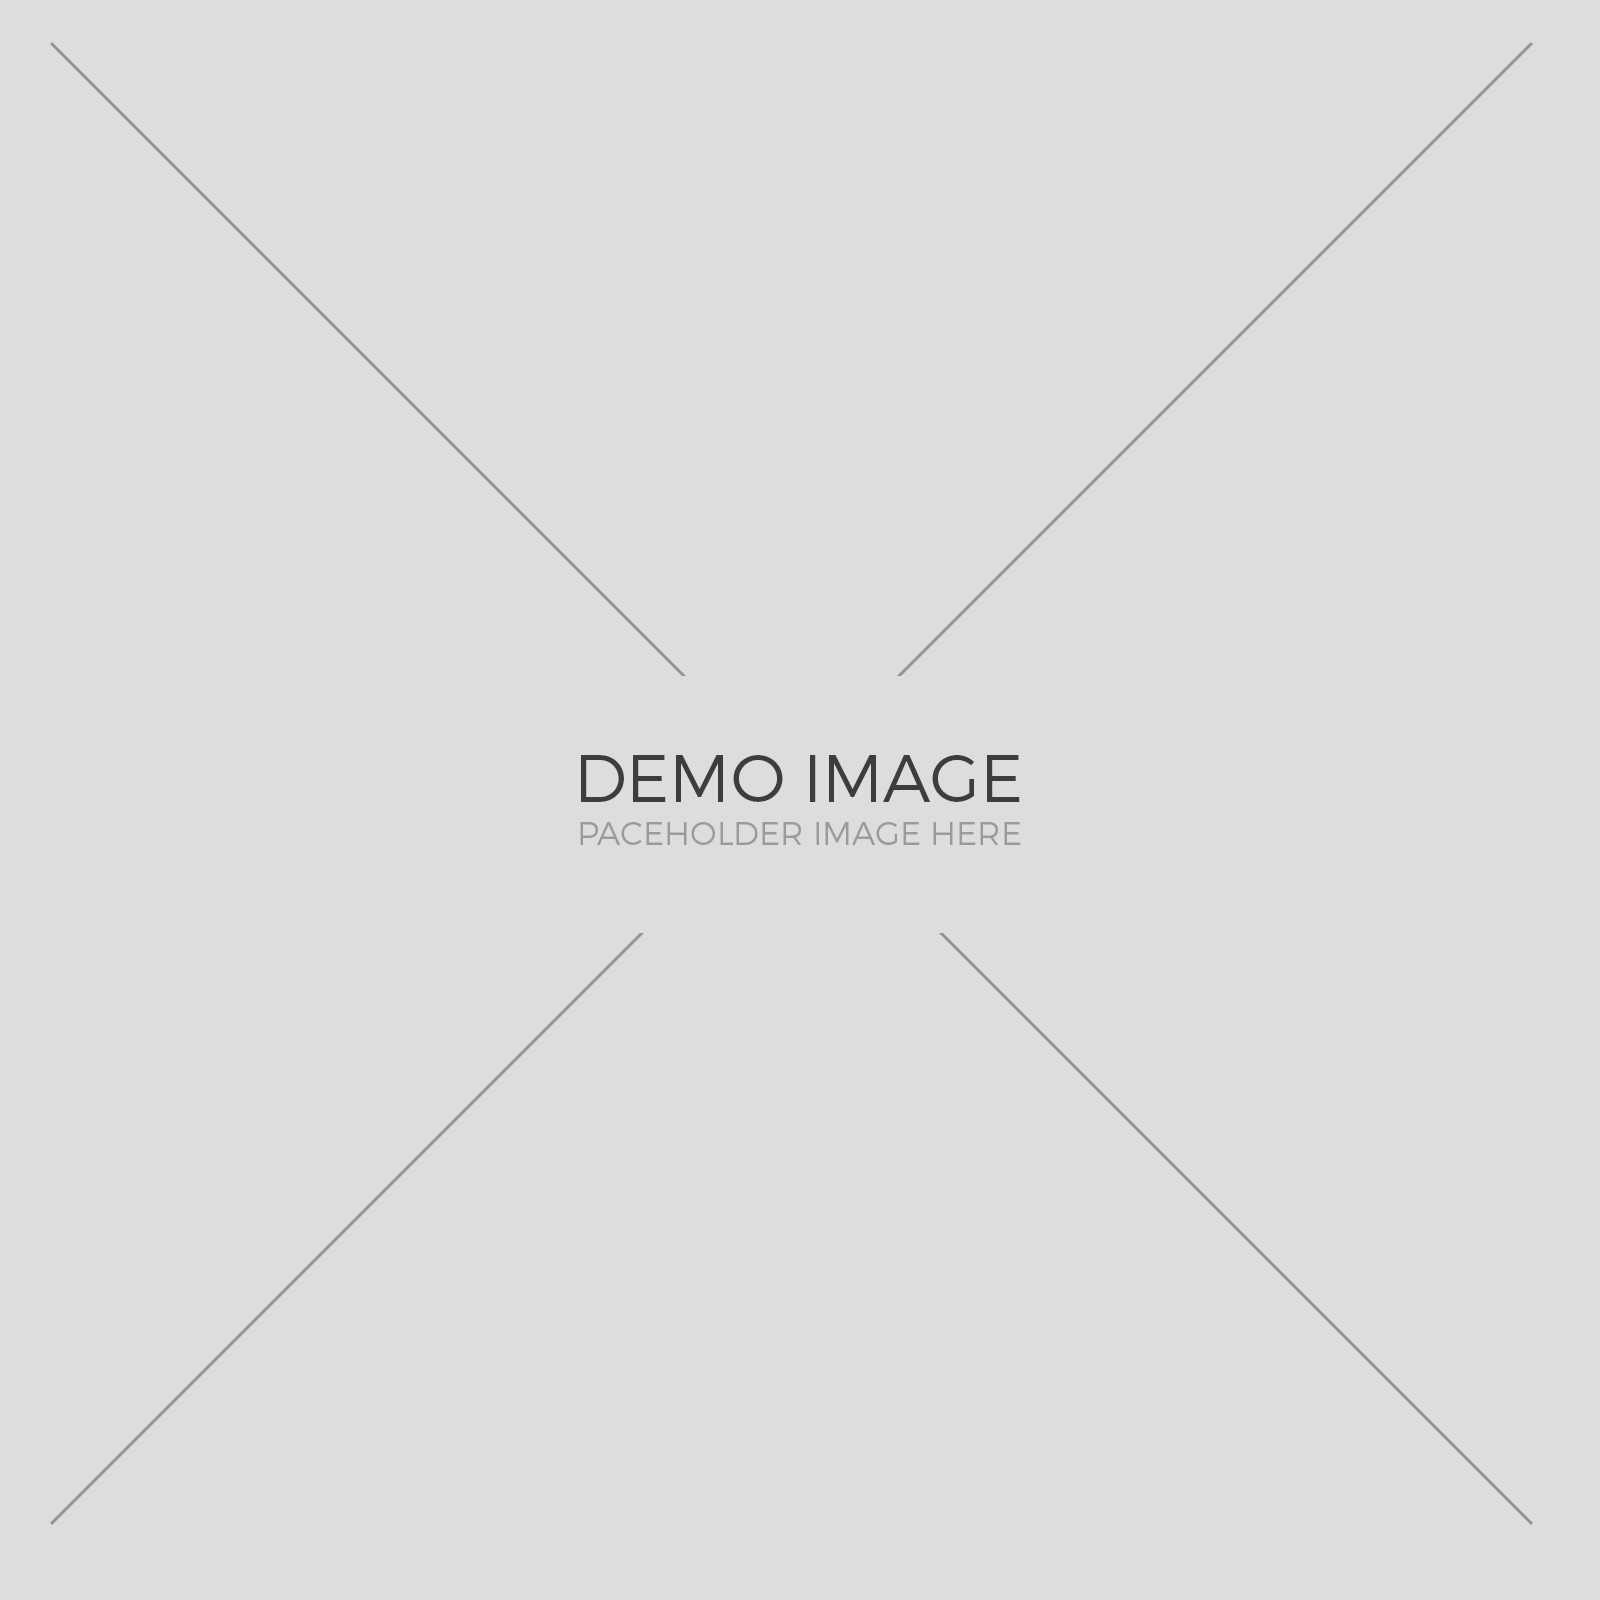 demo-img-1-2